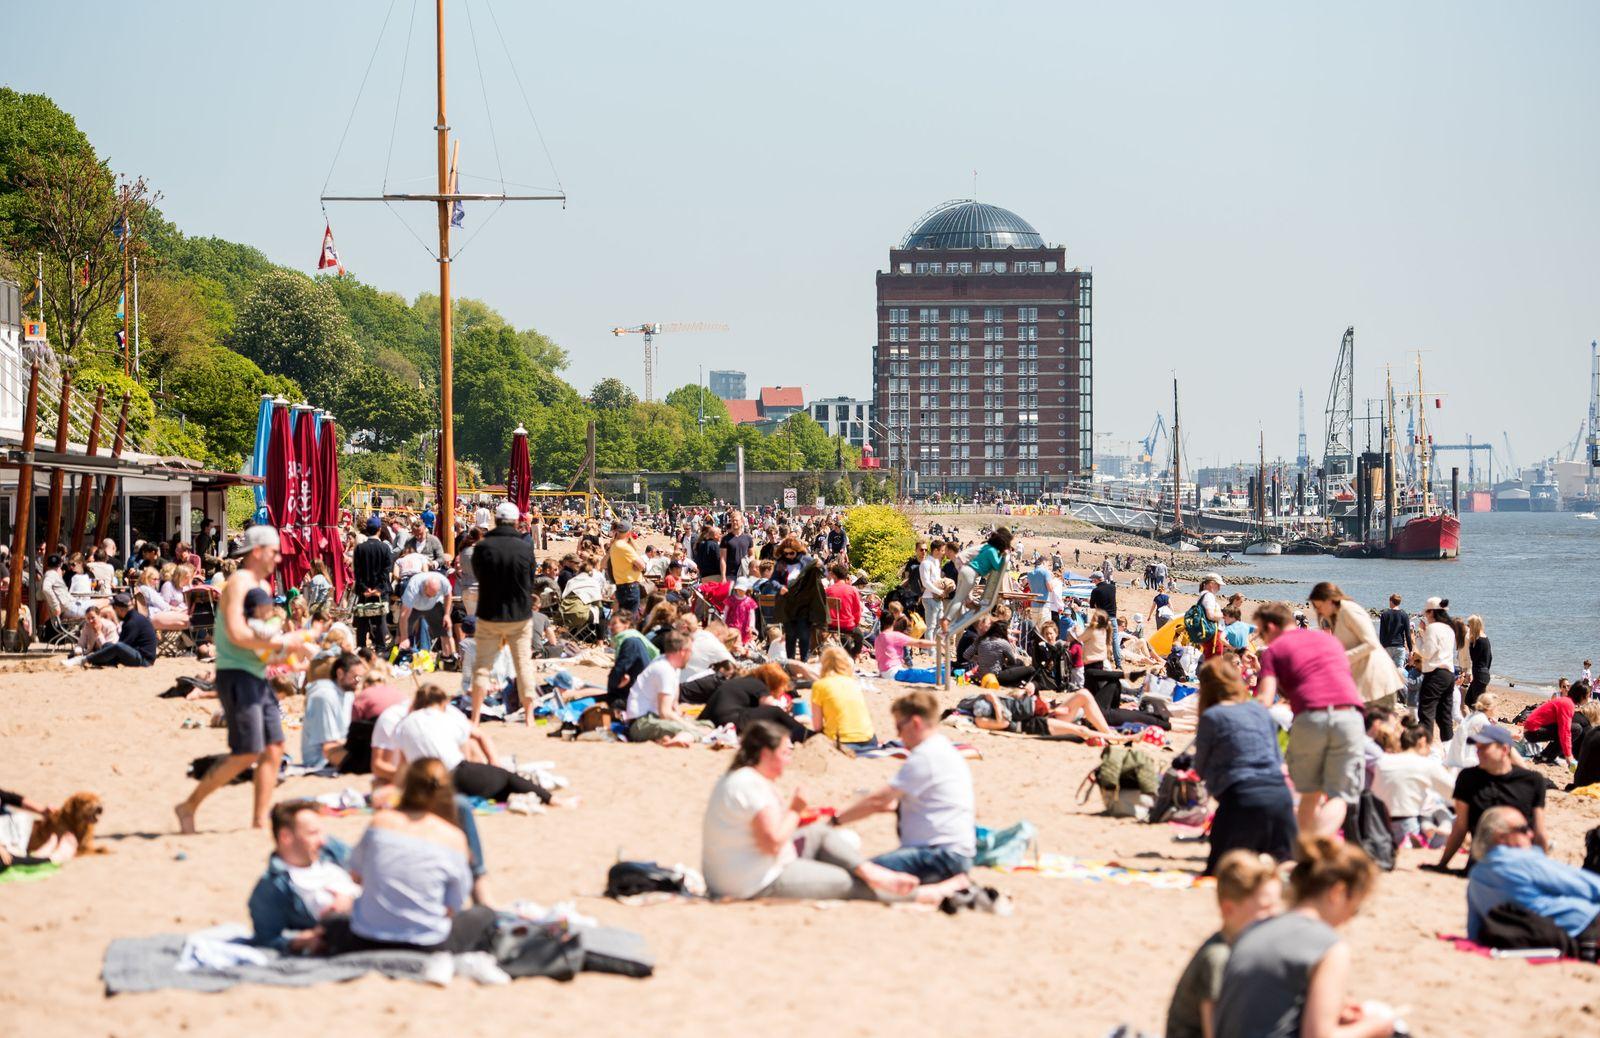 Sommerwetter in Hamburg